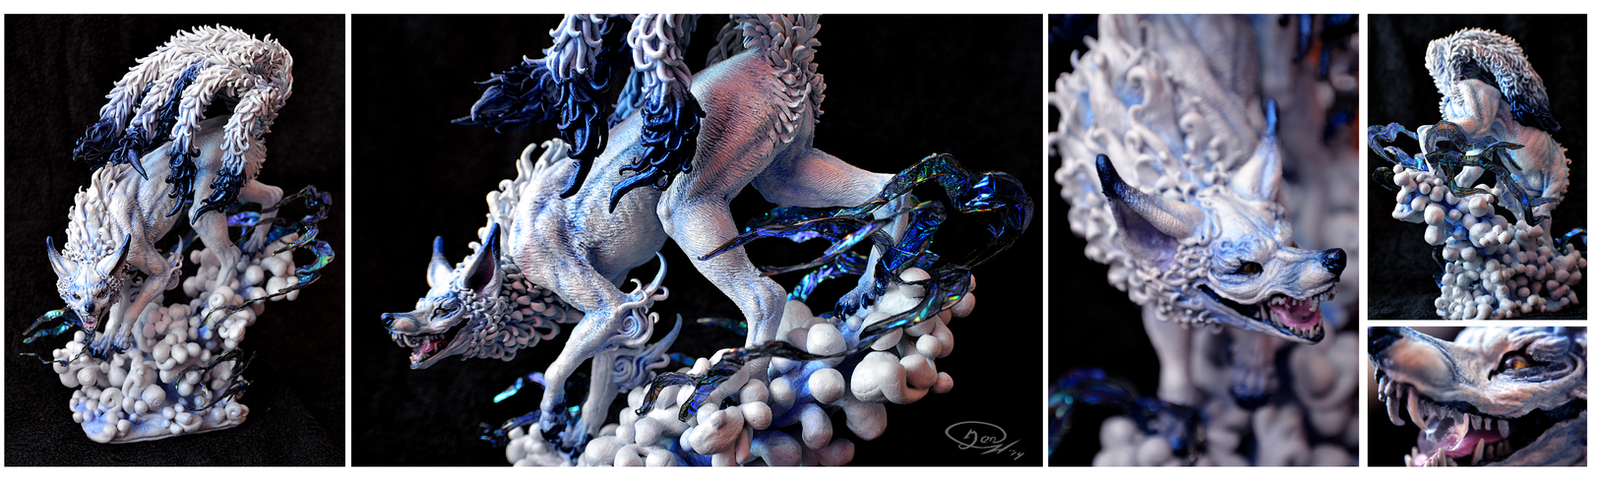 Ooak Beast of white and blue by mangakasan